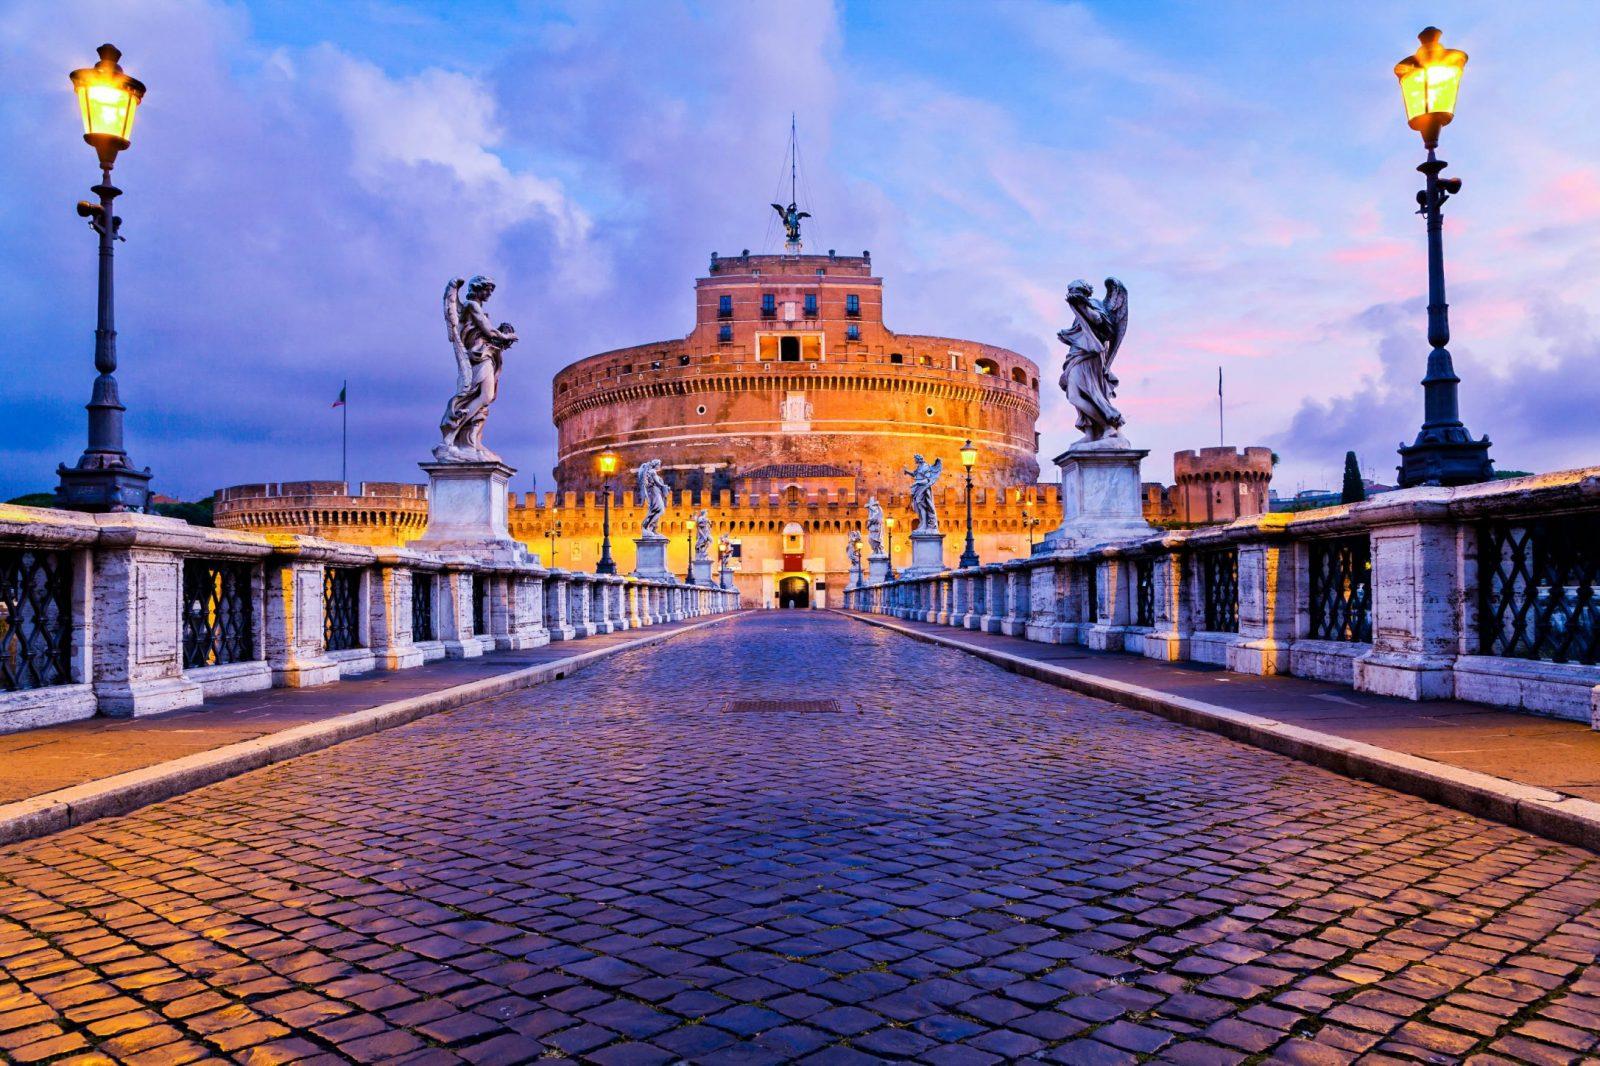 Die Top 10 Sehenswürdigkeiten In Rom  Urlaubsguru von Rom Top 10 Sehenswürdigkeiten Photo